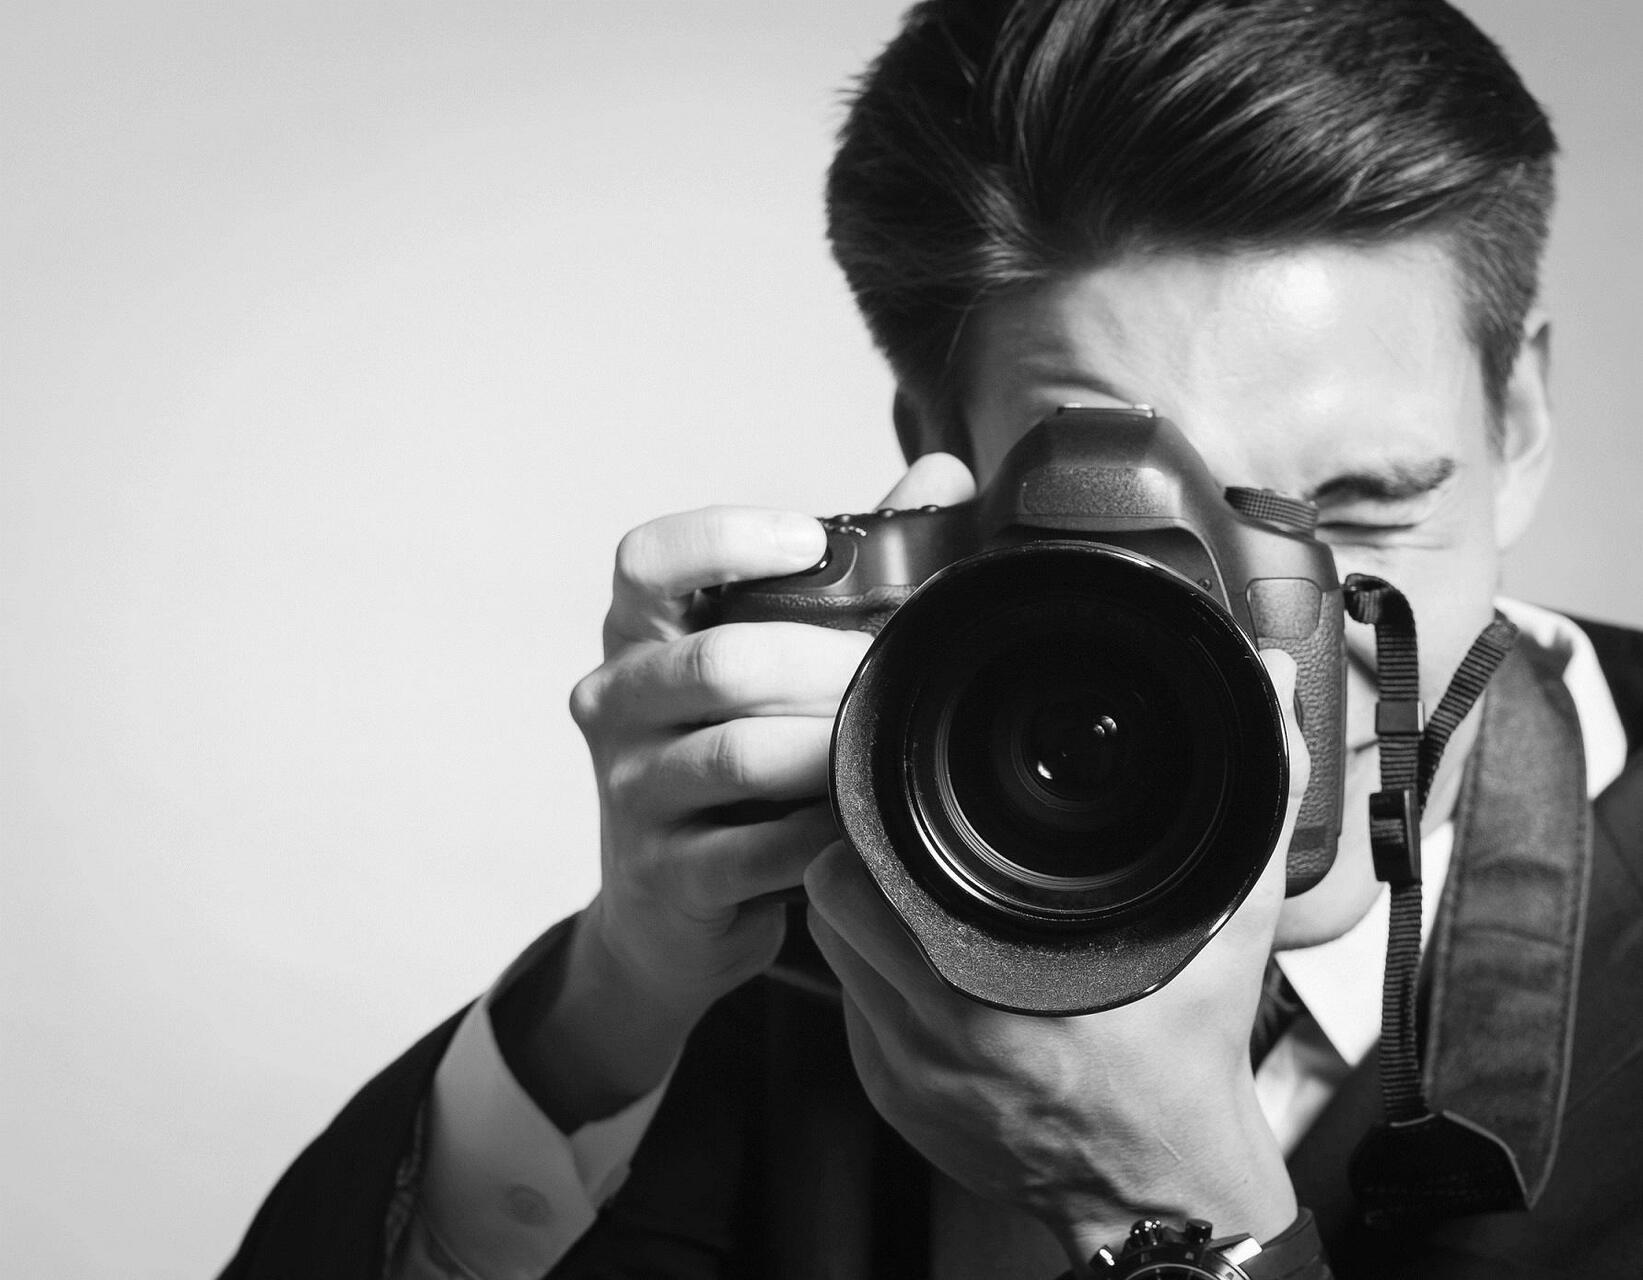 дотрагивайтесь фотографы кто где делал сайт колбаса